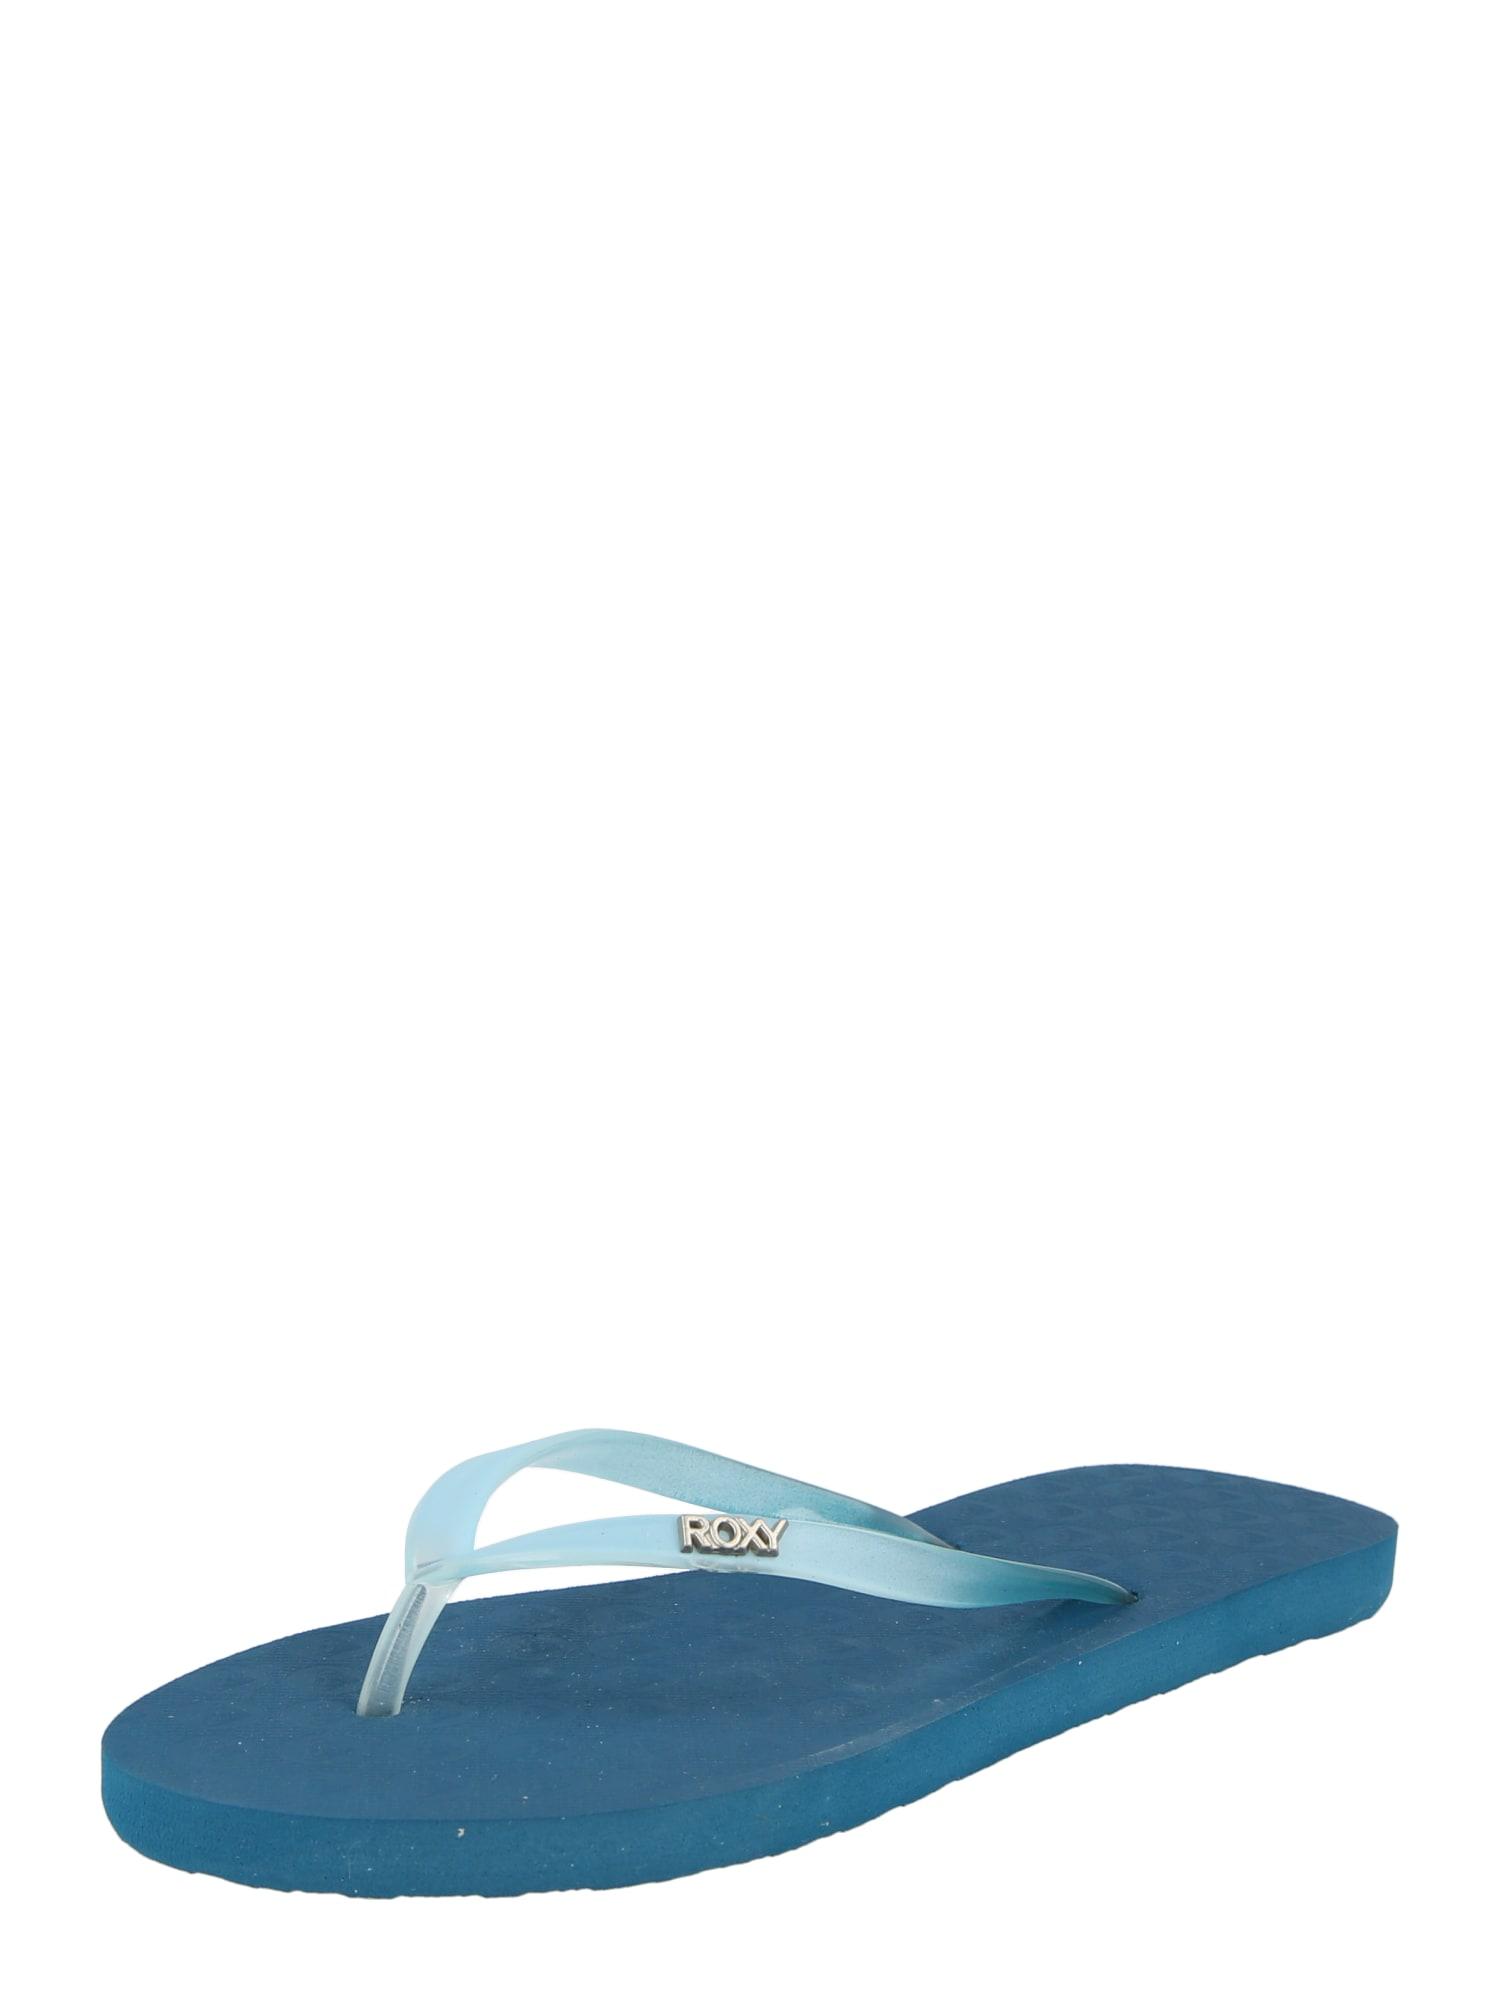 ROXY Séparateur d'orteils 'VIVA'  - Bleu - Taille: 10 - female